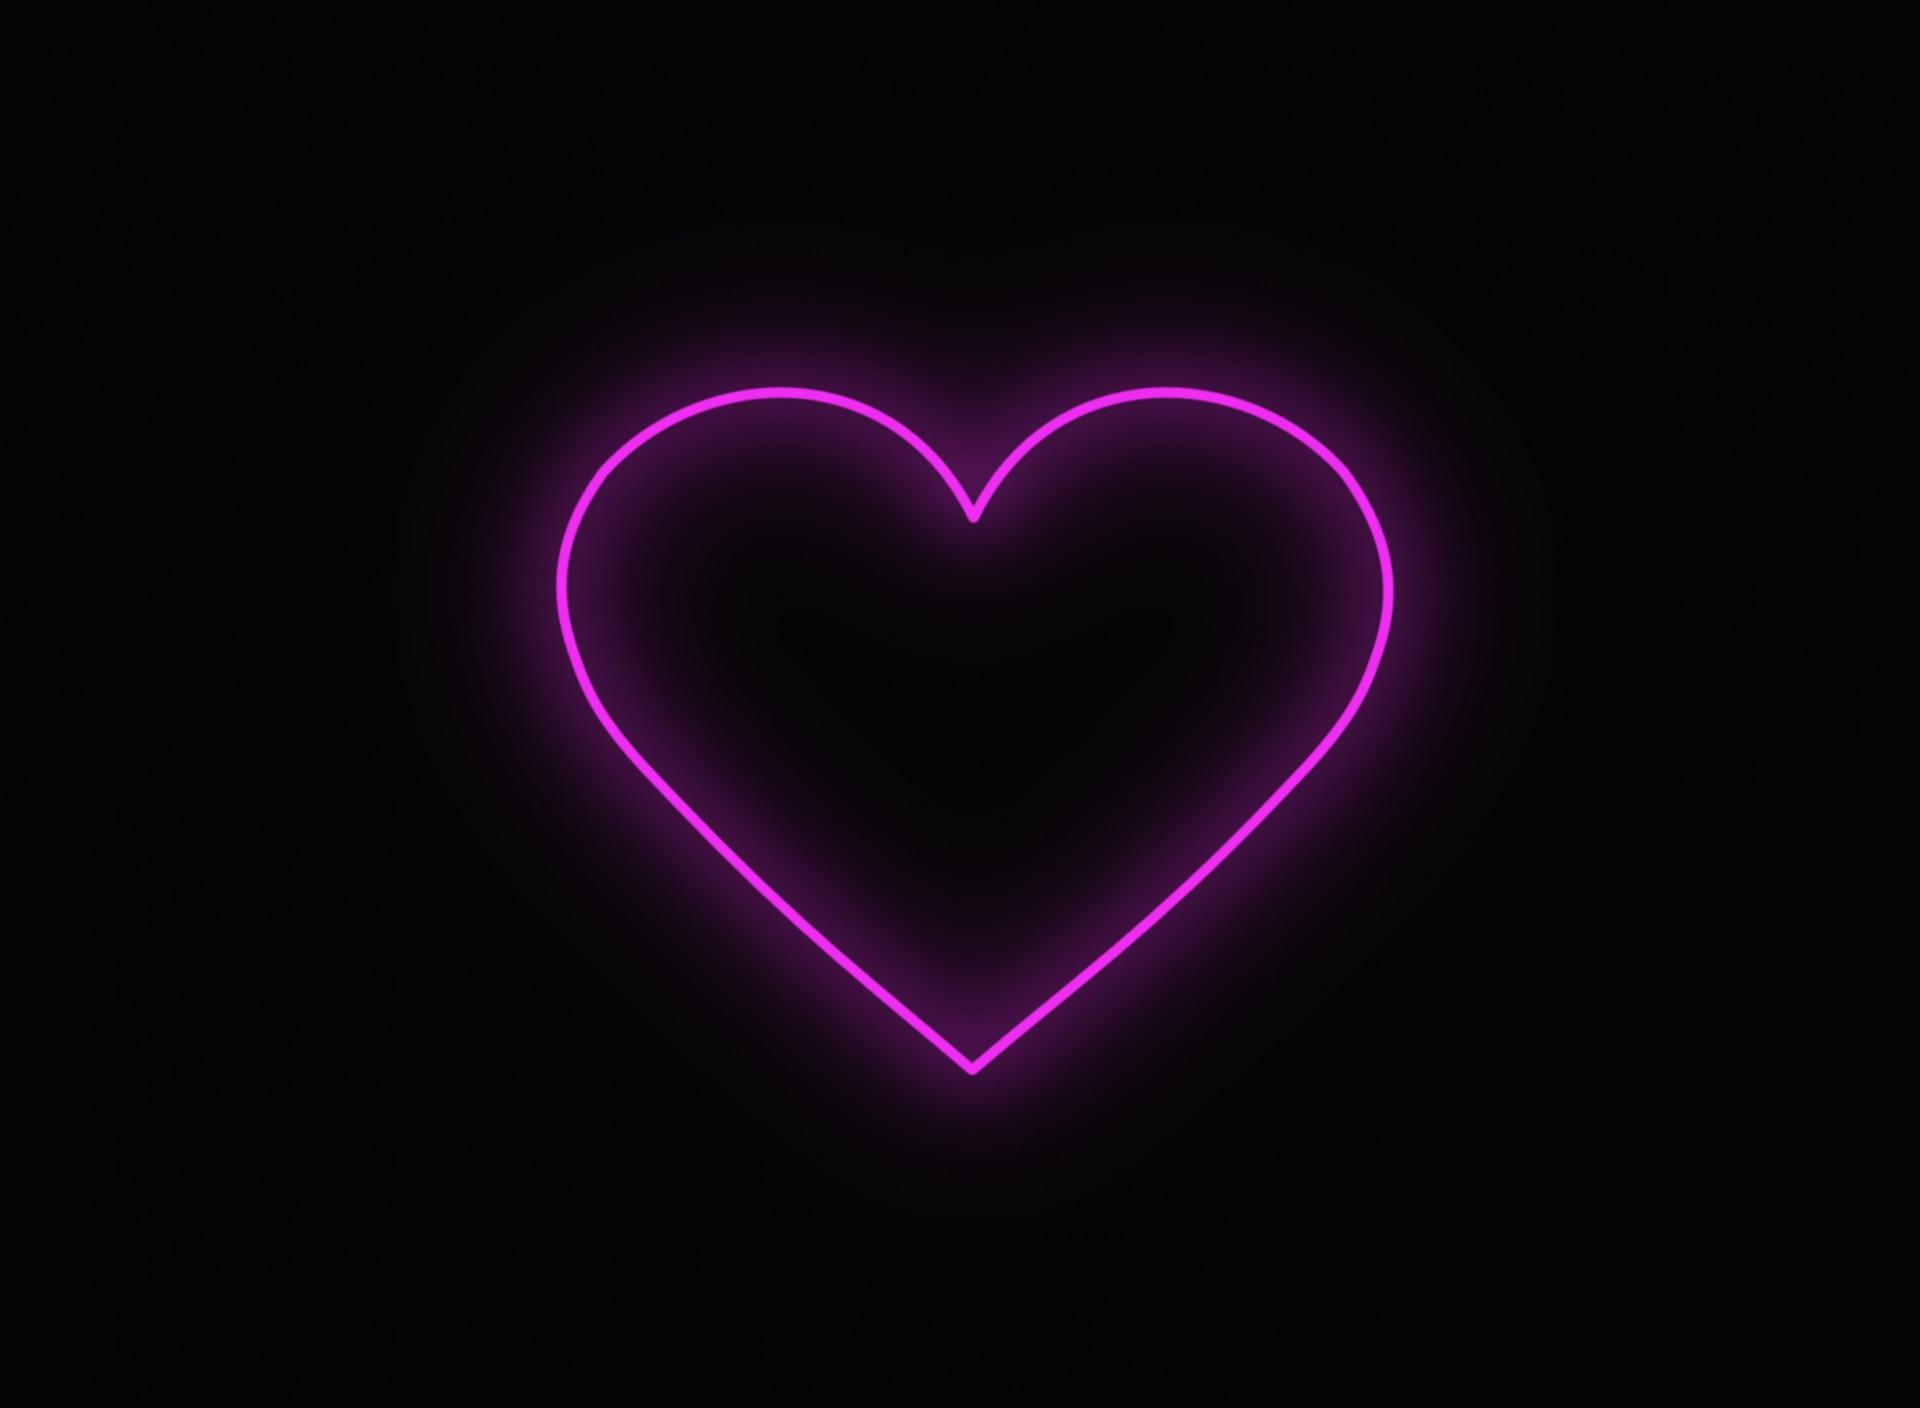 Сердечки картинки на аватарку